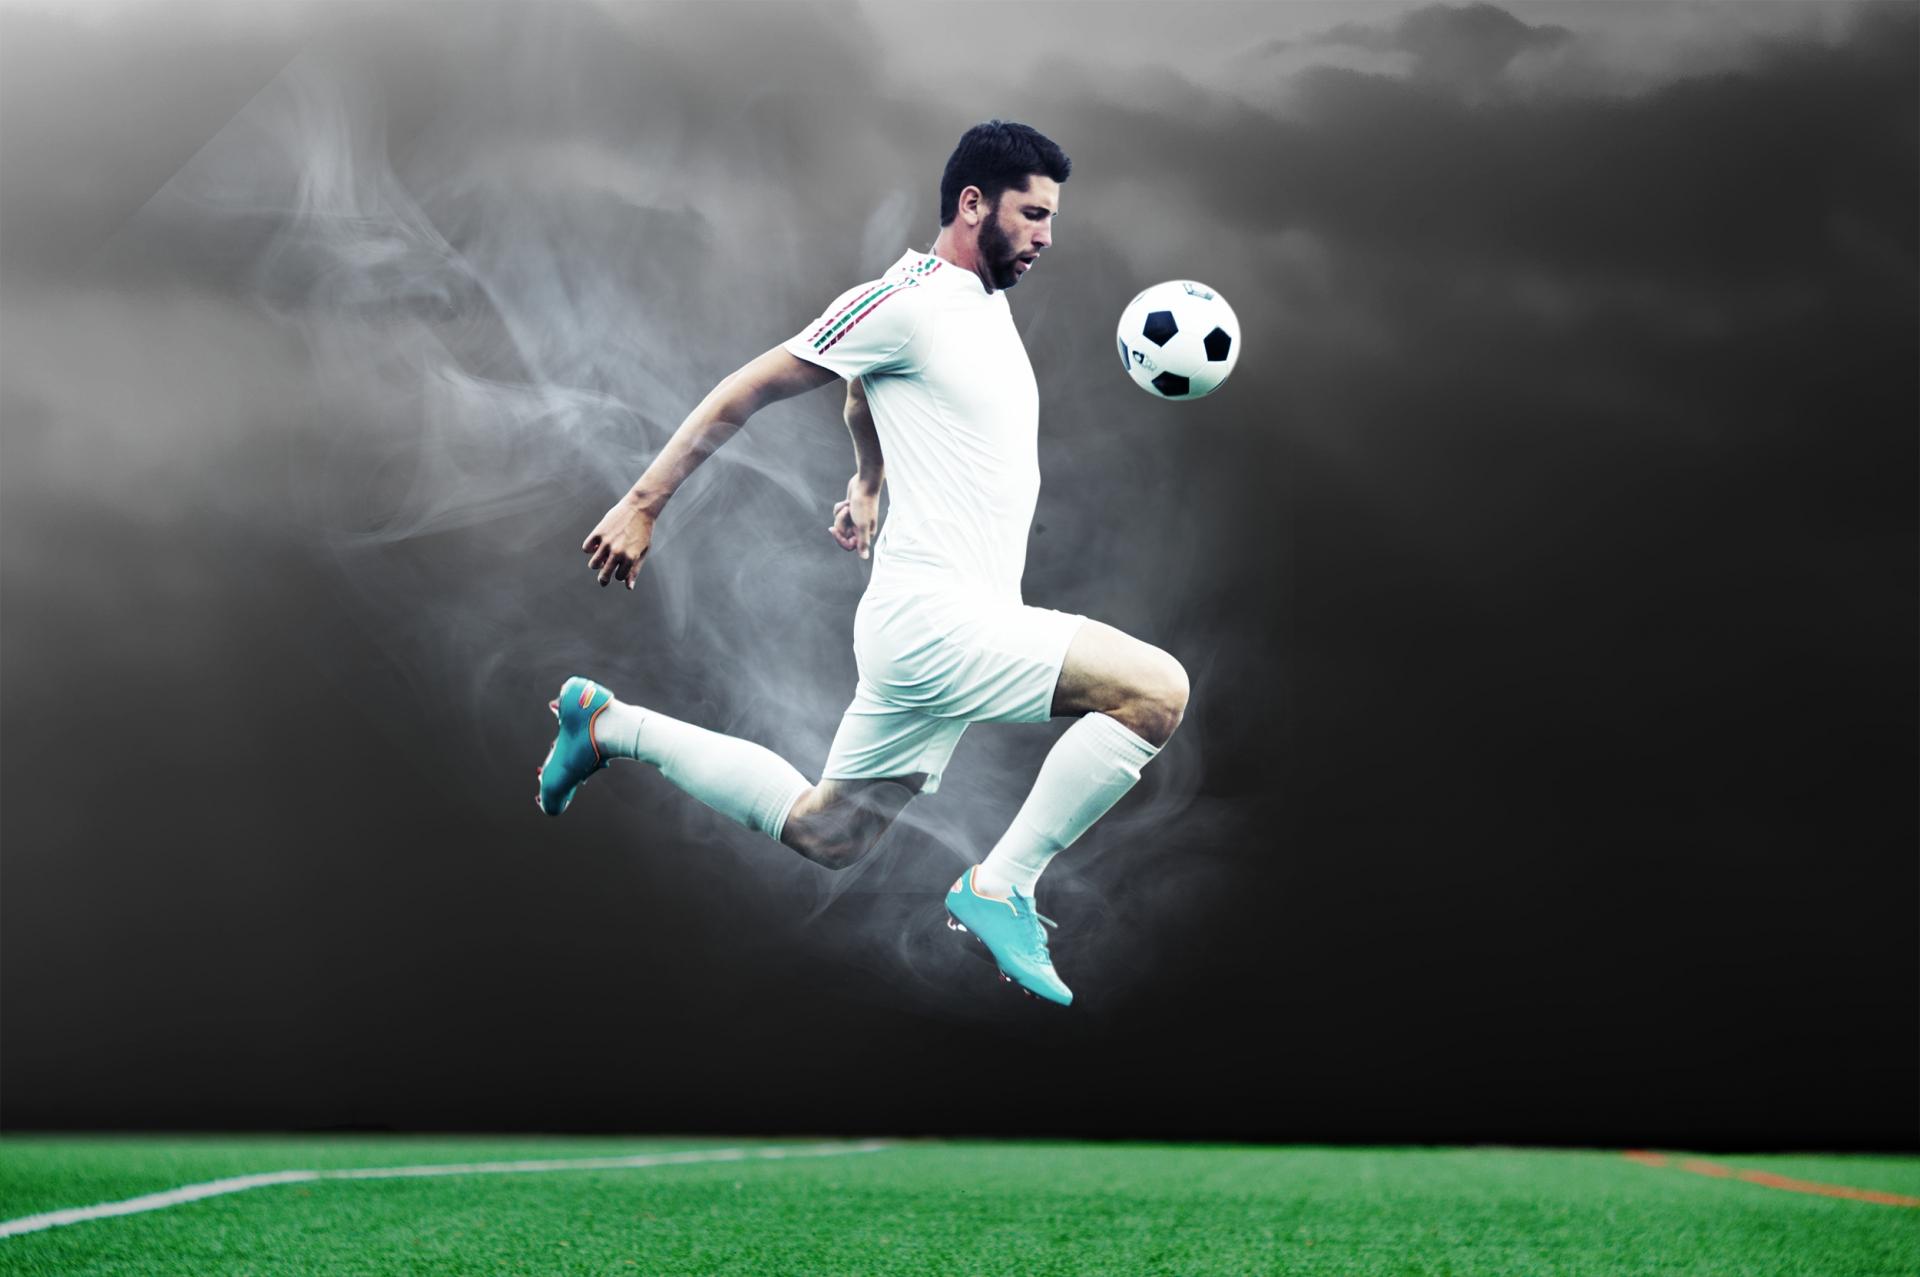 プロサッカー選手になるための5つの方法。Jリーガーへの道を解説。